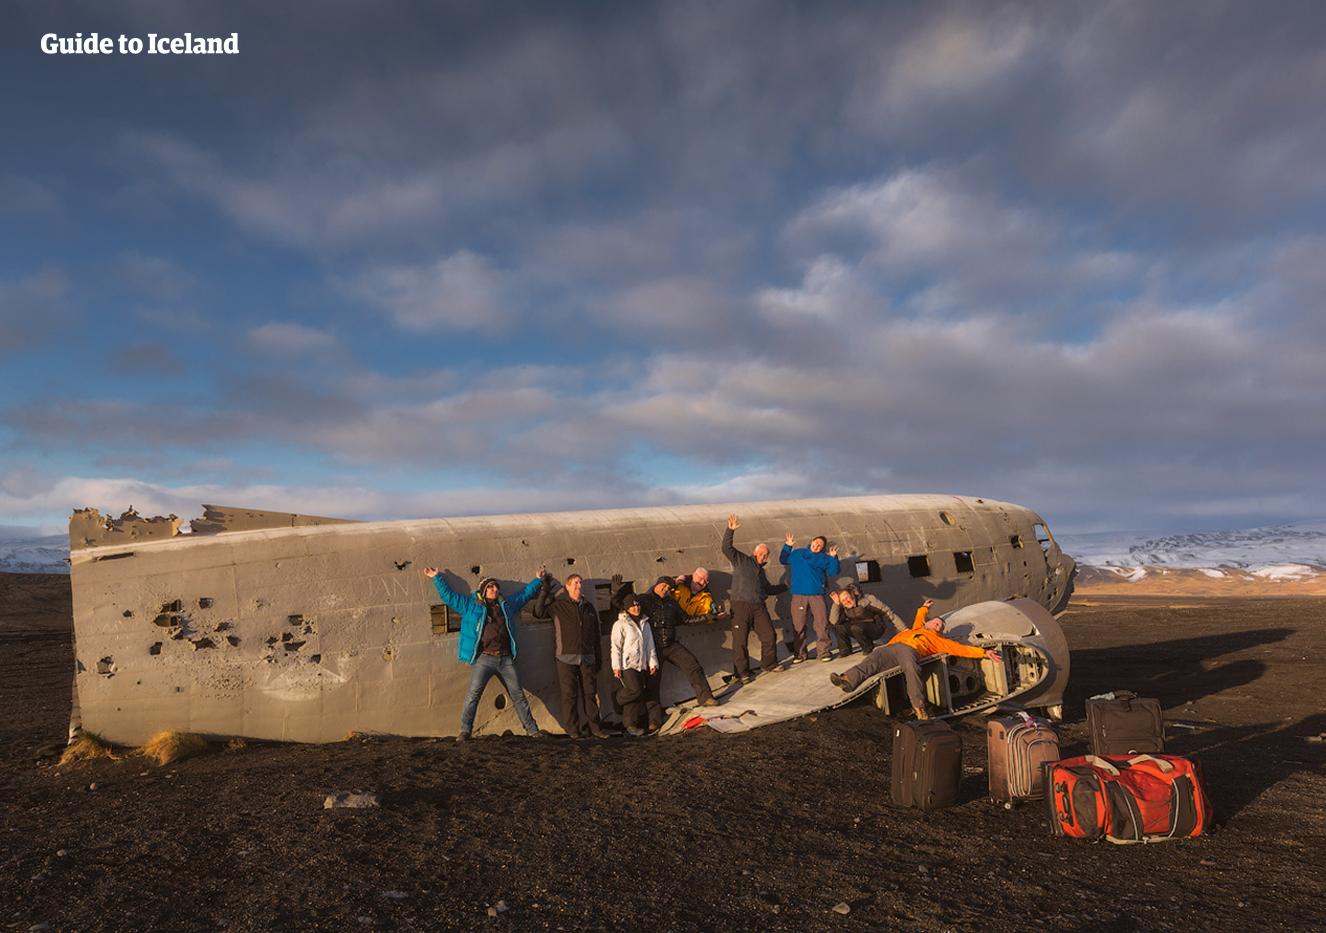 Tygodniowa samodzielna wycieczka obwodnicą dookoła Islandii wraz ze Złotym Kręgiem, organizowana latem